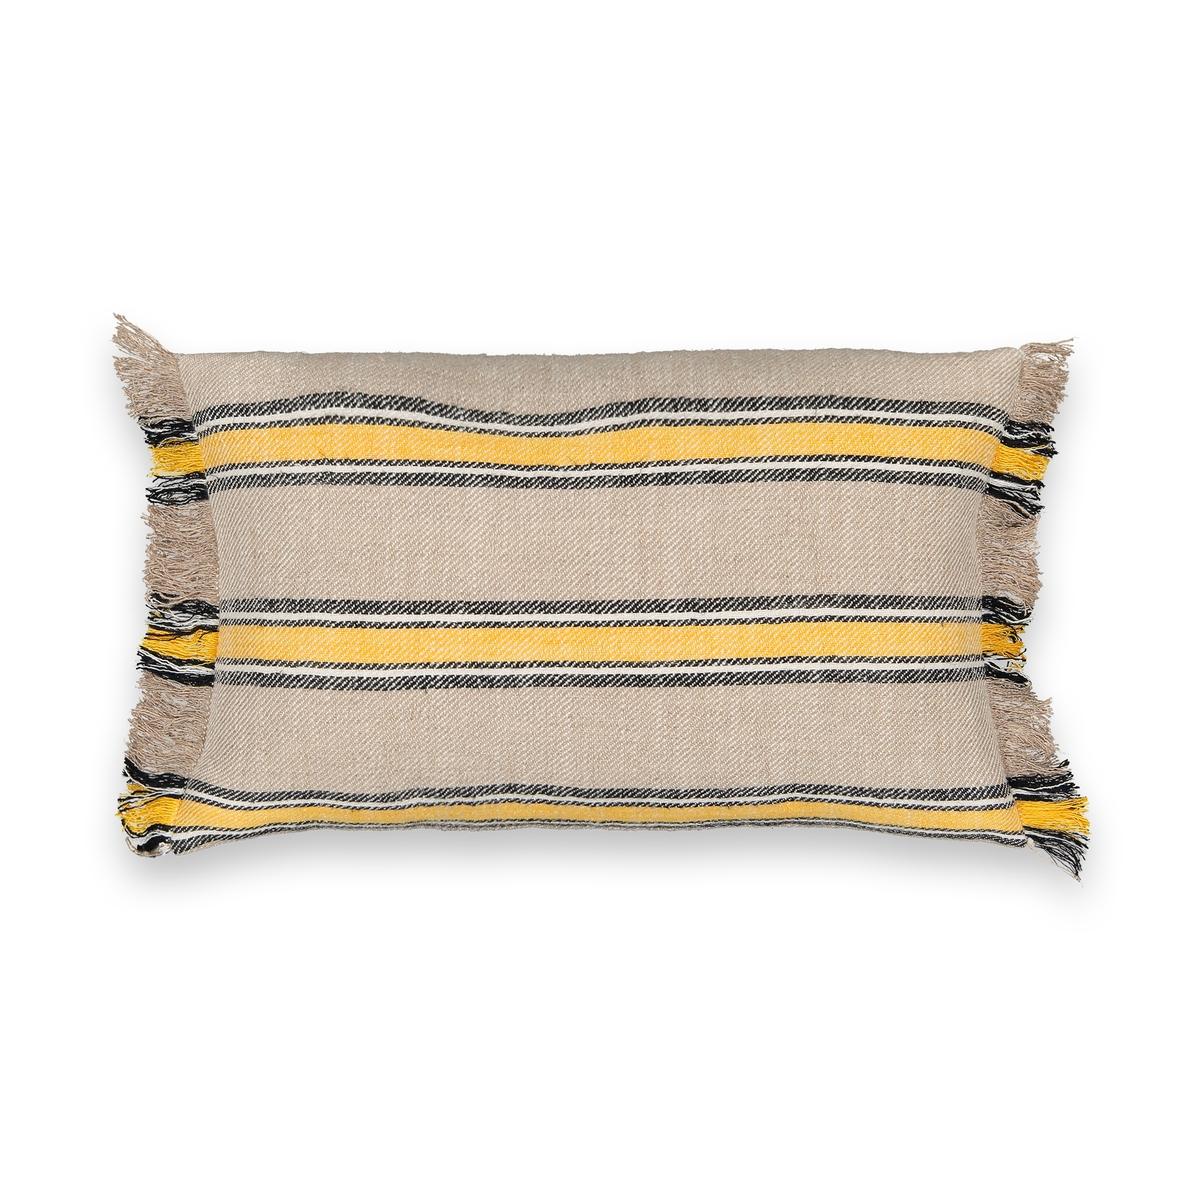 Чехол La Redoute На подушку-валик Anusha 50 x 50 см желтый льняной la redoute чехол для подушки georgette 50 x 30 см желтый